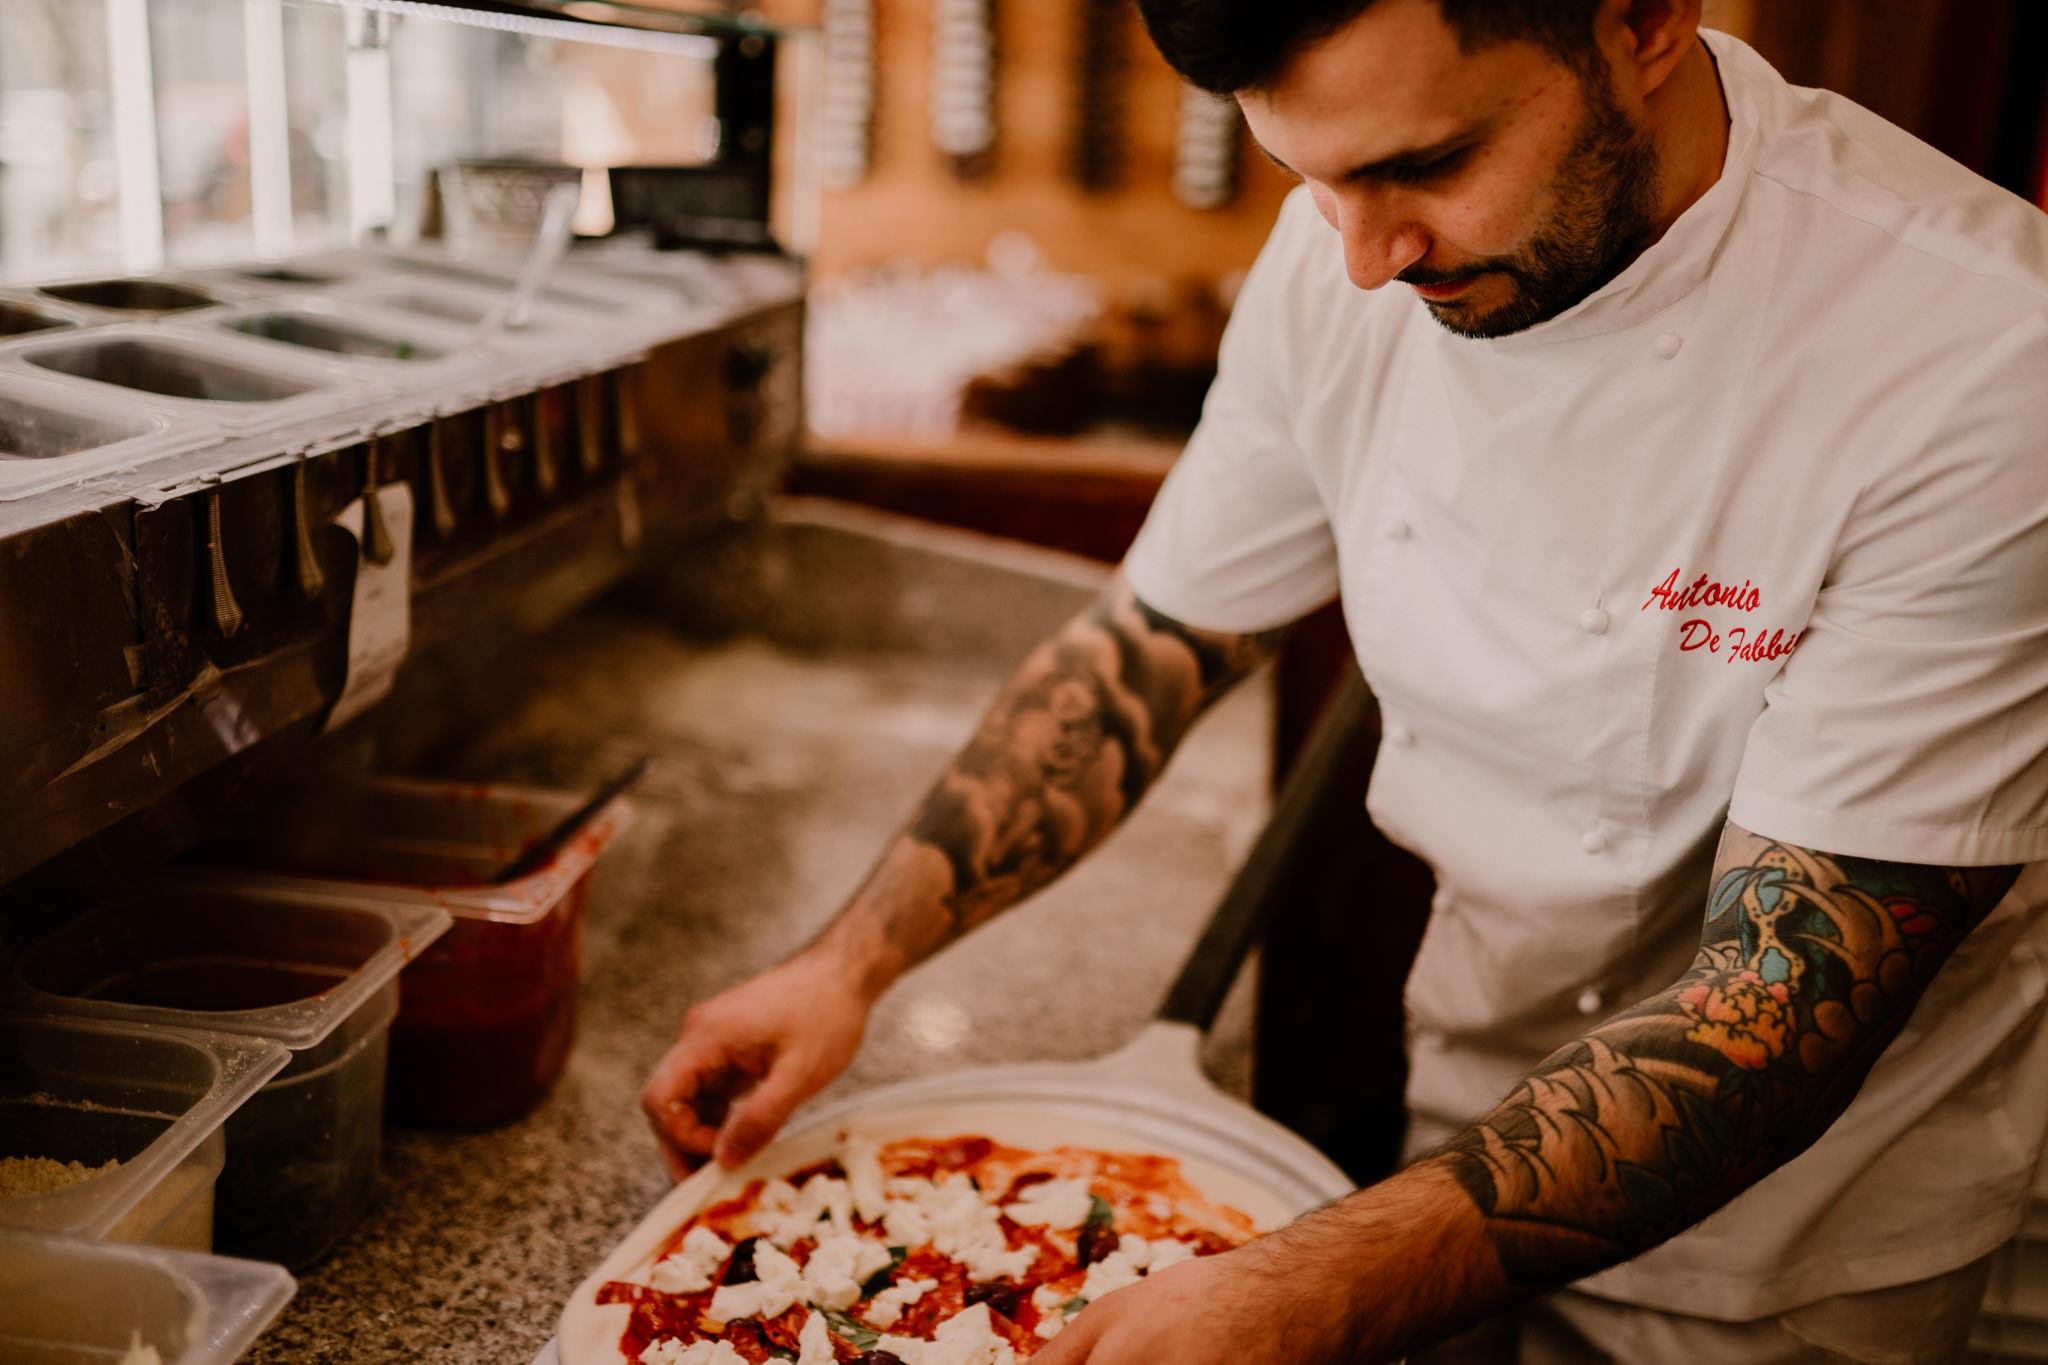 Photographe entreprise B2B Bordeaux Guadeloupe pizzeria tradizione bordeaux